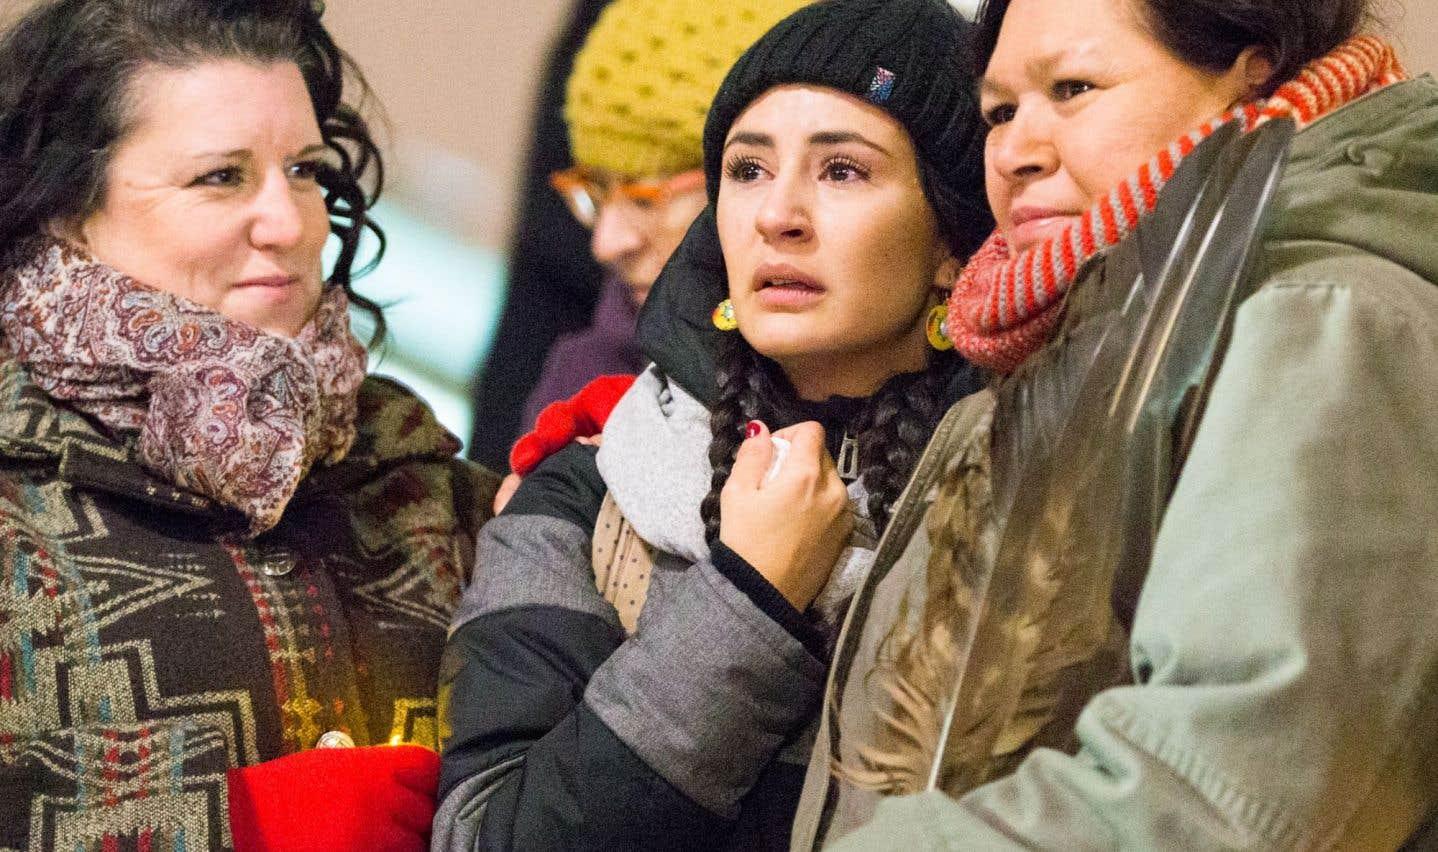 Autochtones: Couillard évoque une commission d'enquête publique